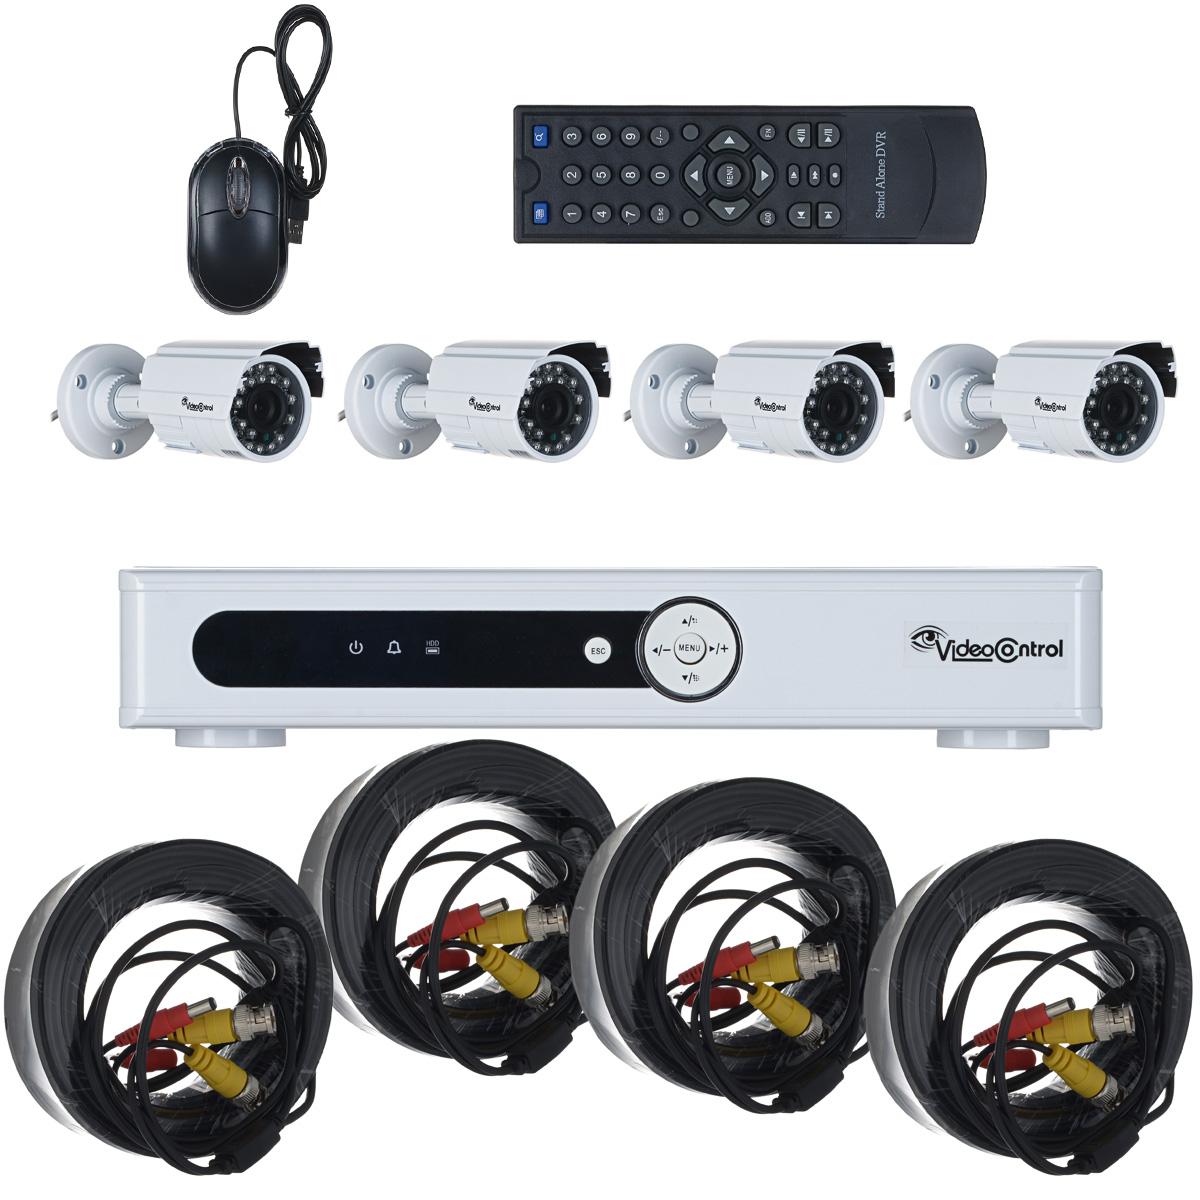 Video Control VC-4SD5A-HD система видеонаблюдения - Системы видеонаблюдения